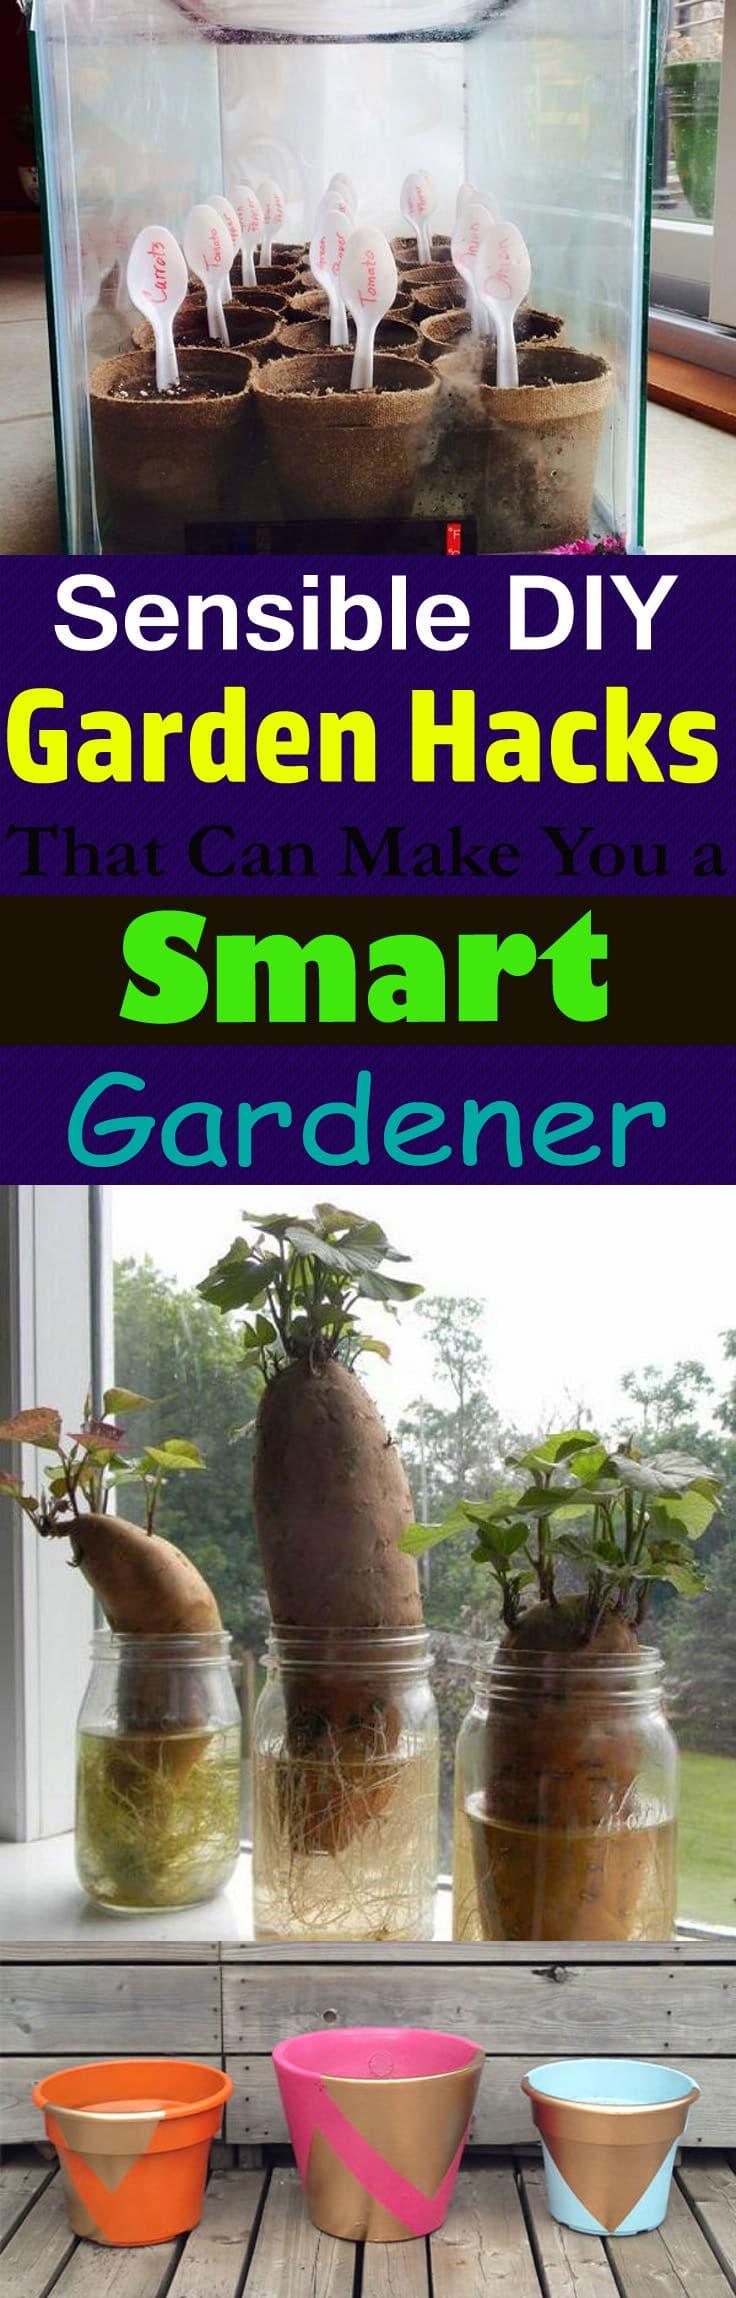 14 Sensible DIY Garden Hacks That Can Make You A Smart ...